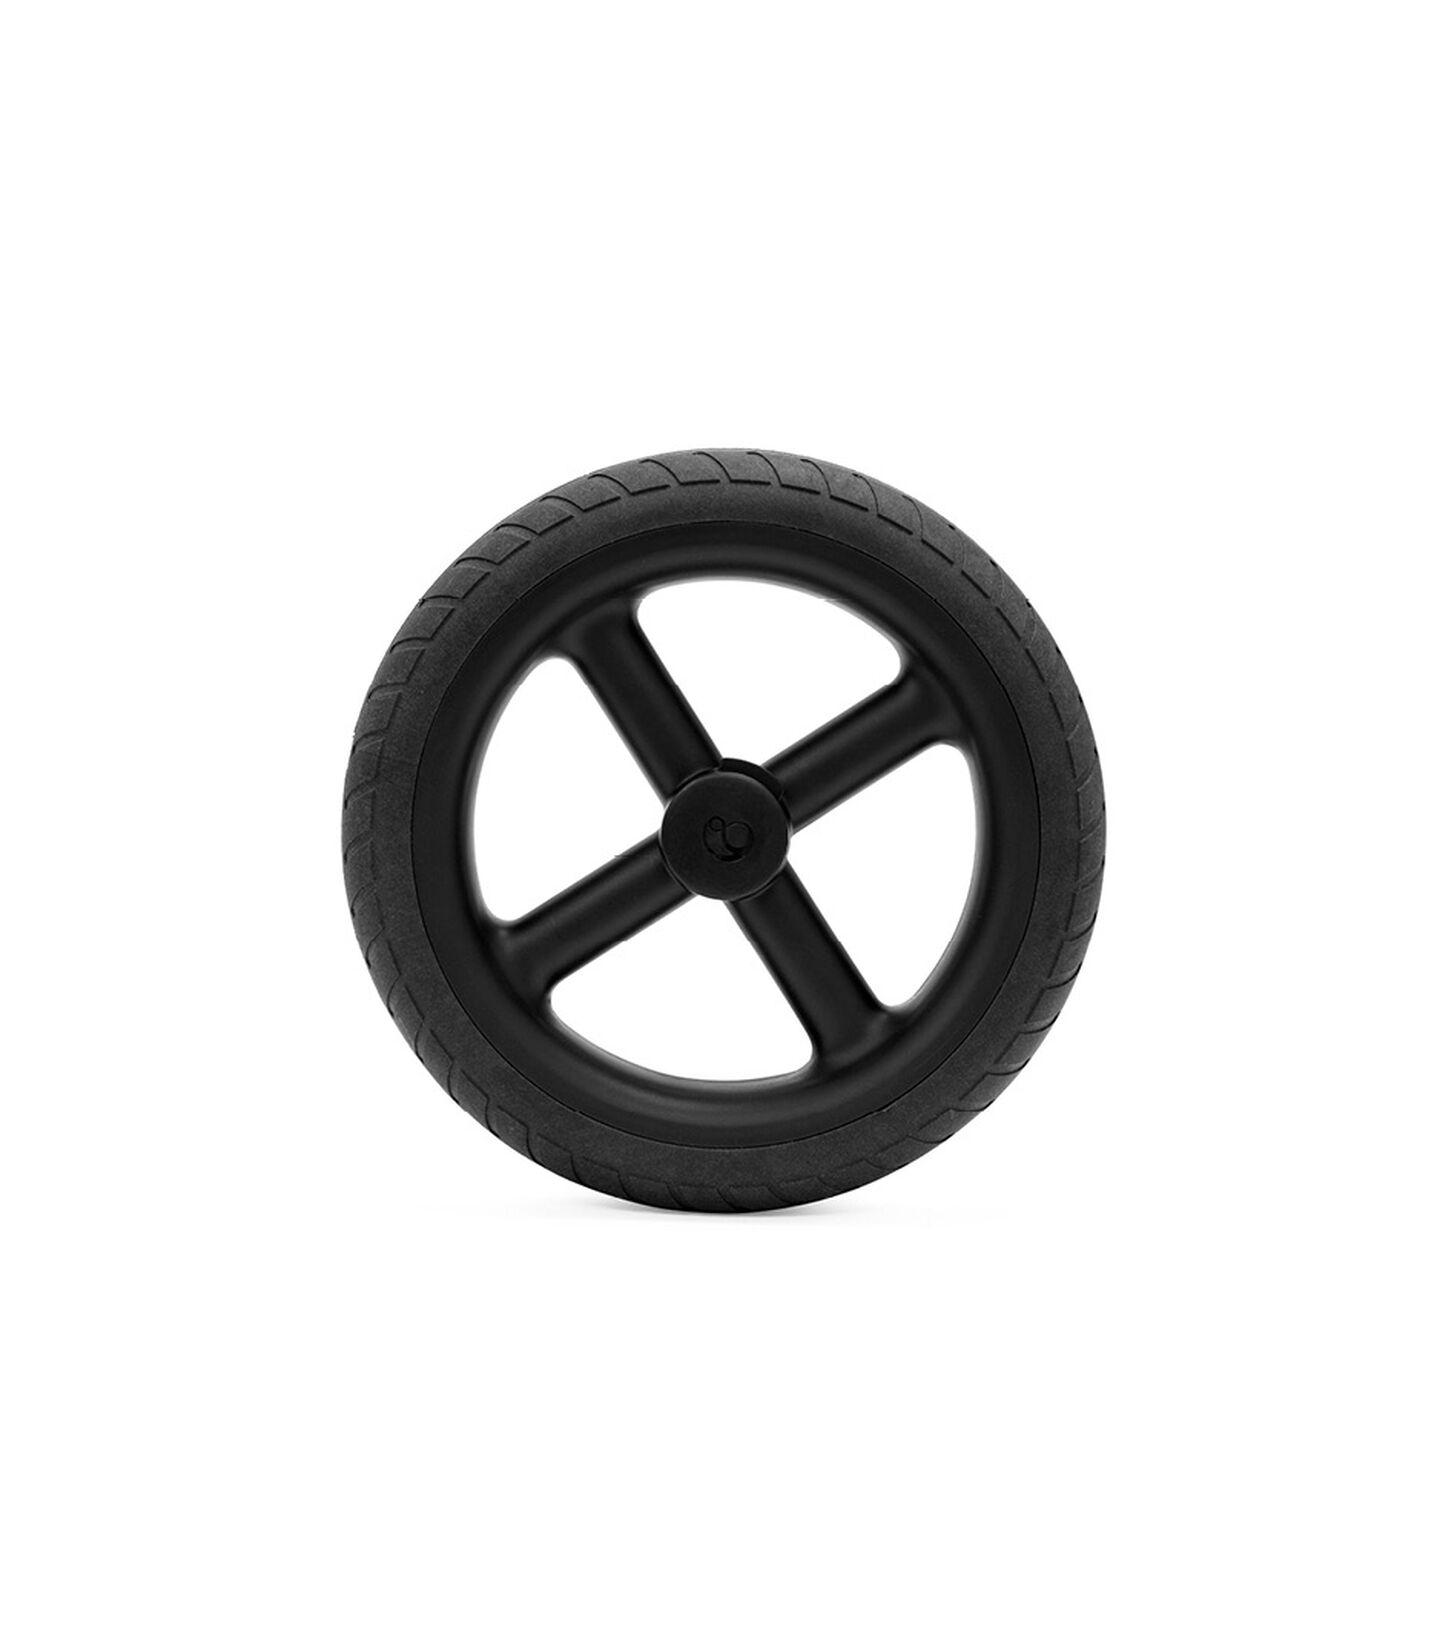 Stokke® Beat™ sparepart. Rear wheel, left. view 2